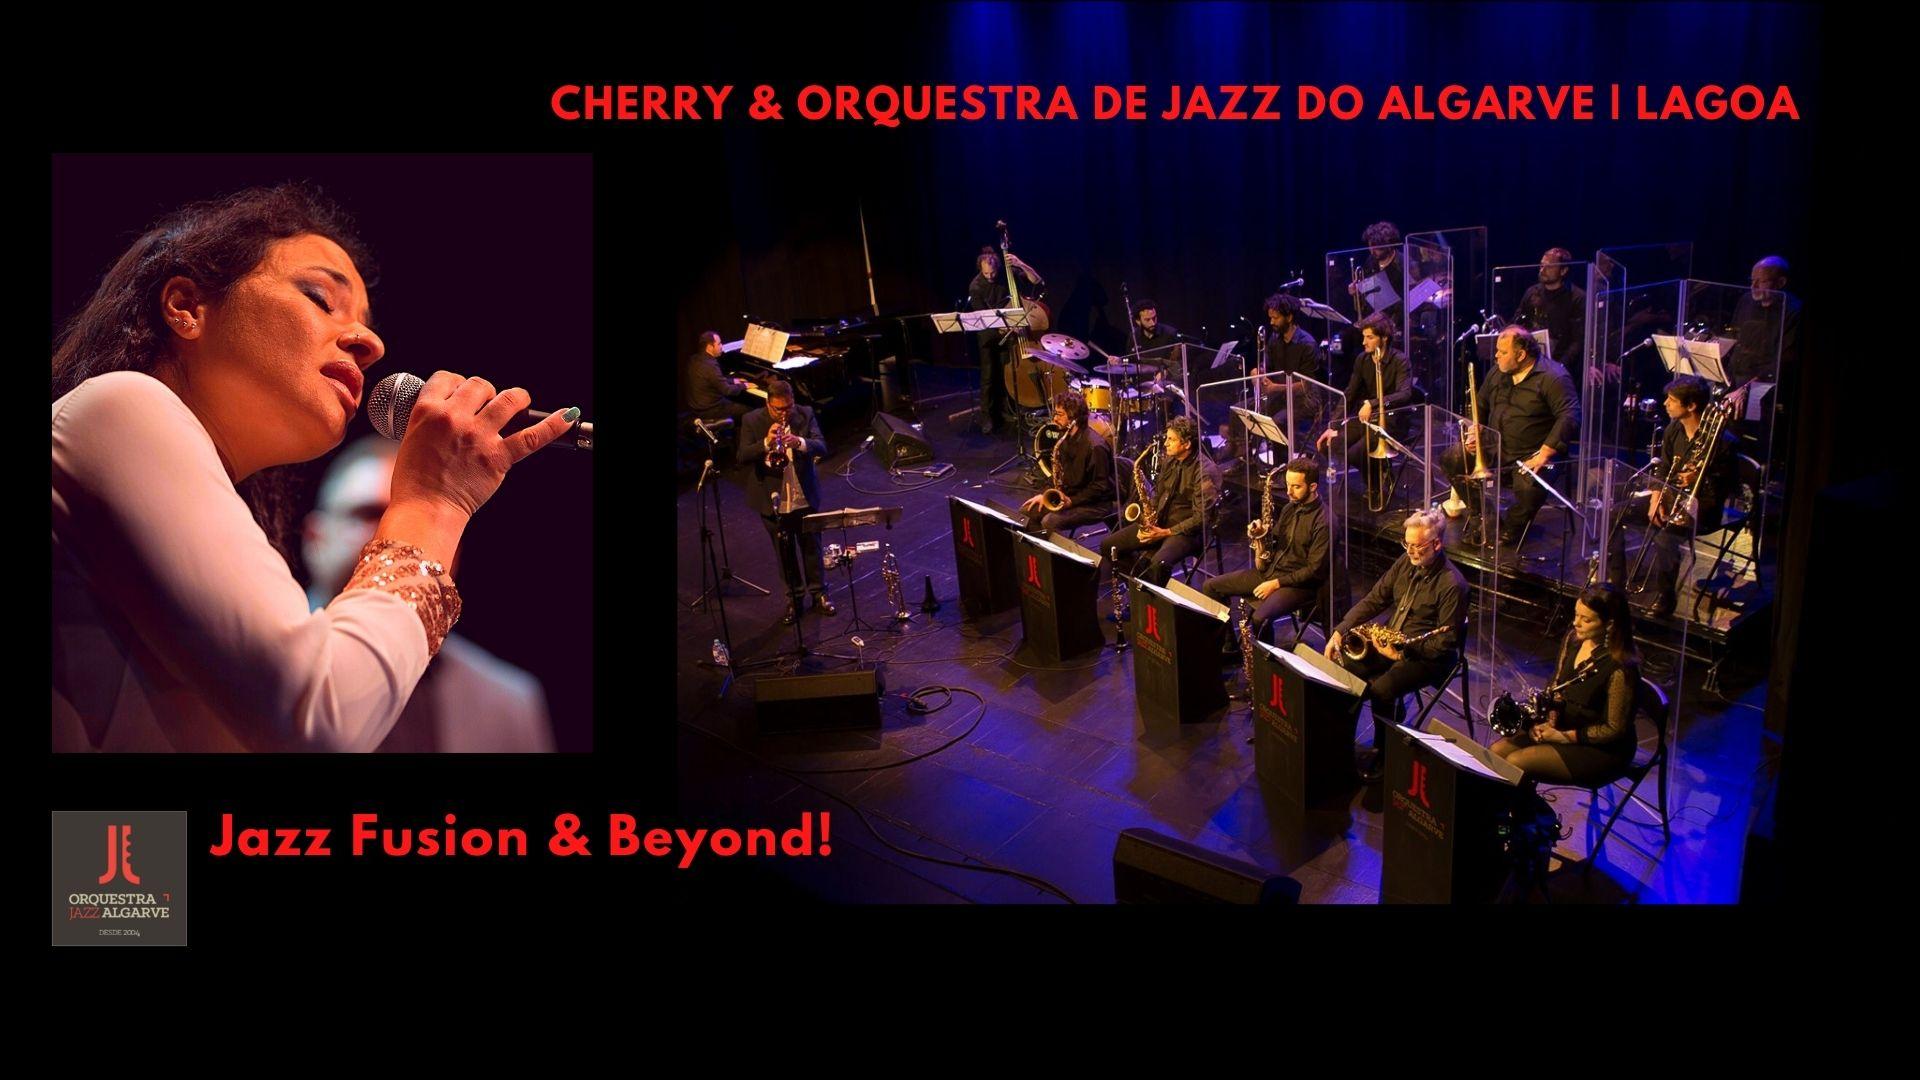 Cherry   Jazz Fusion & Beyond   Orq. Jazz Algarve   Lagoa